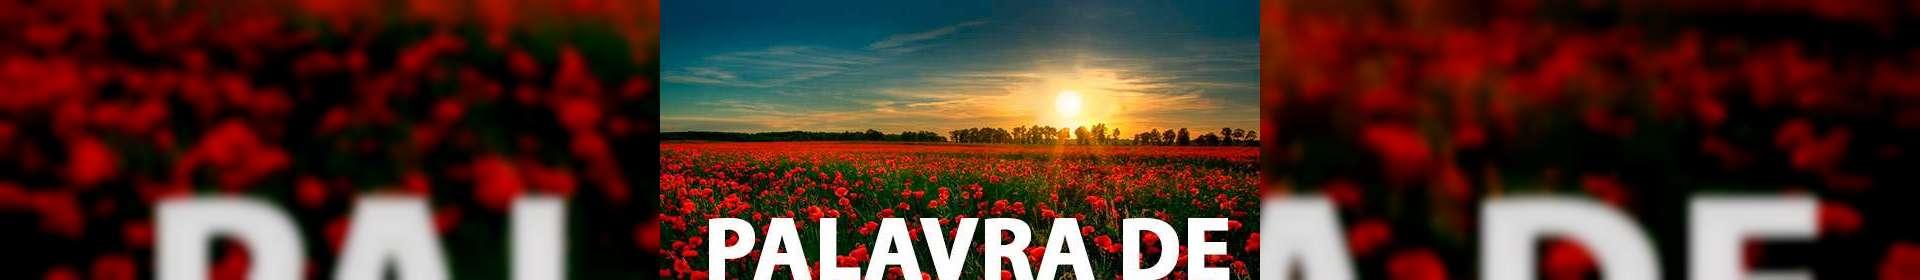 Isaías 37:32 - Uma Palavra de Esperança para sua vida